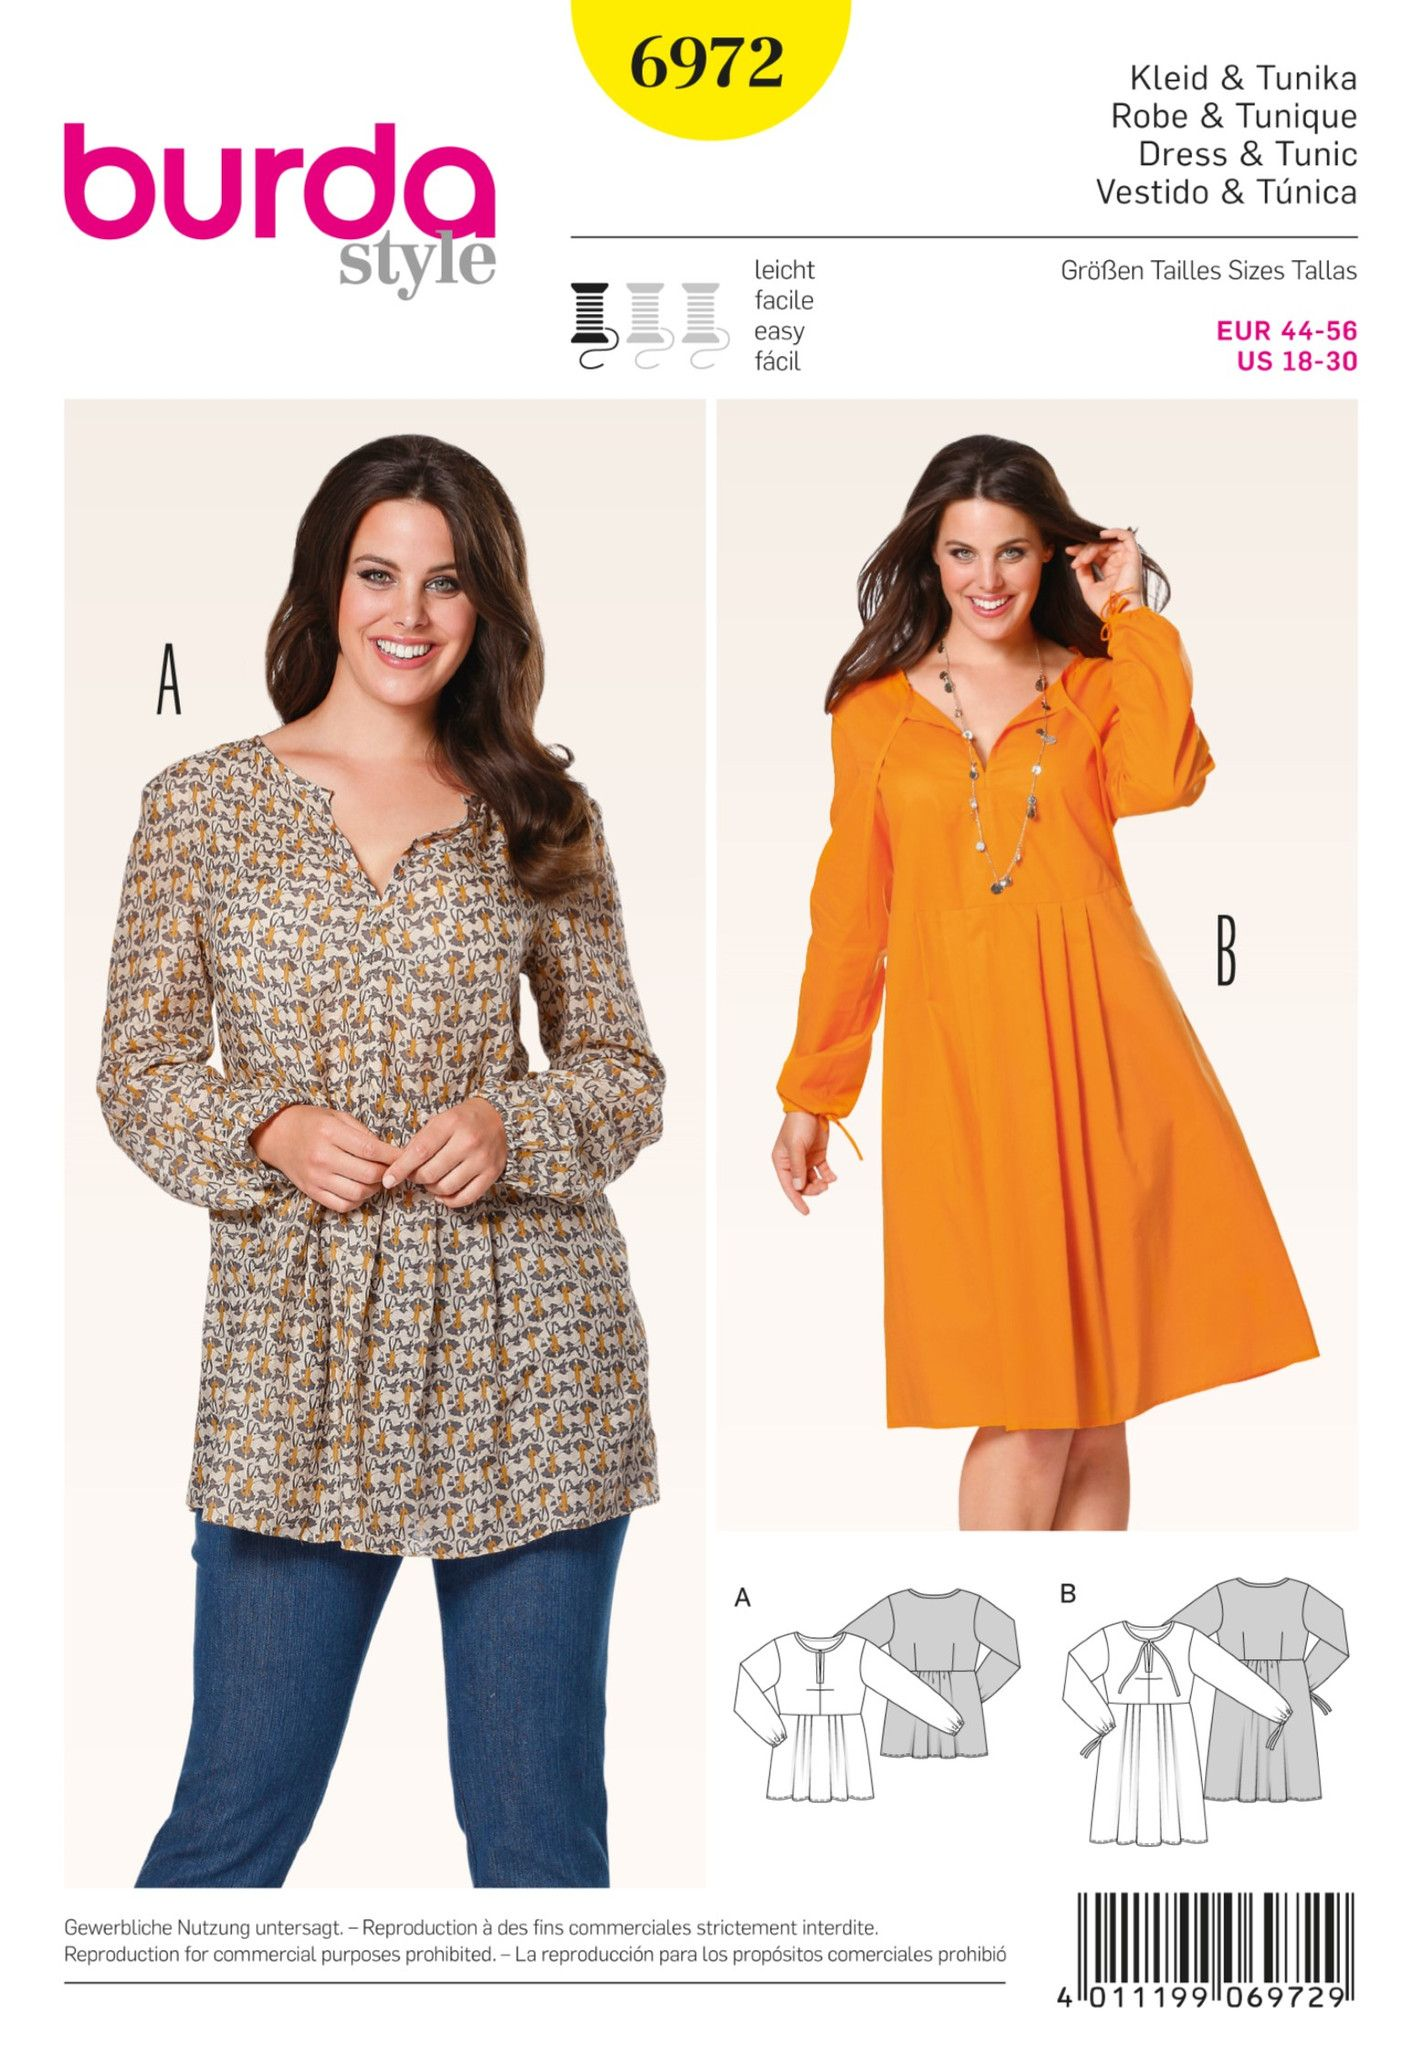 Burda Sewing Pattern: 6972 Plus Size Tunic & Dress | Average ...